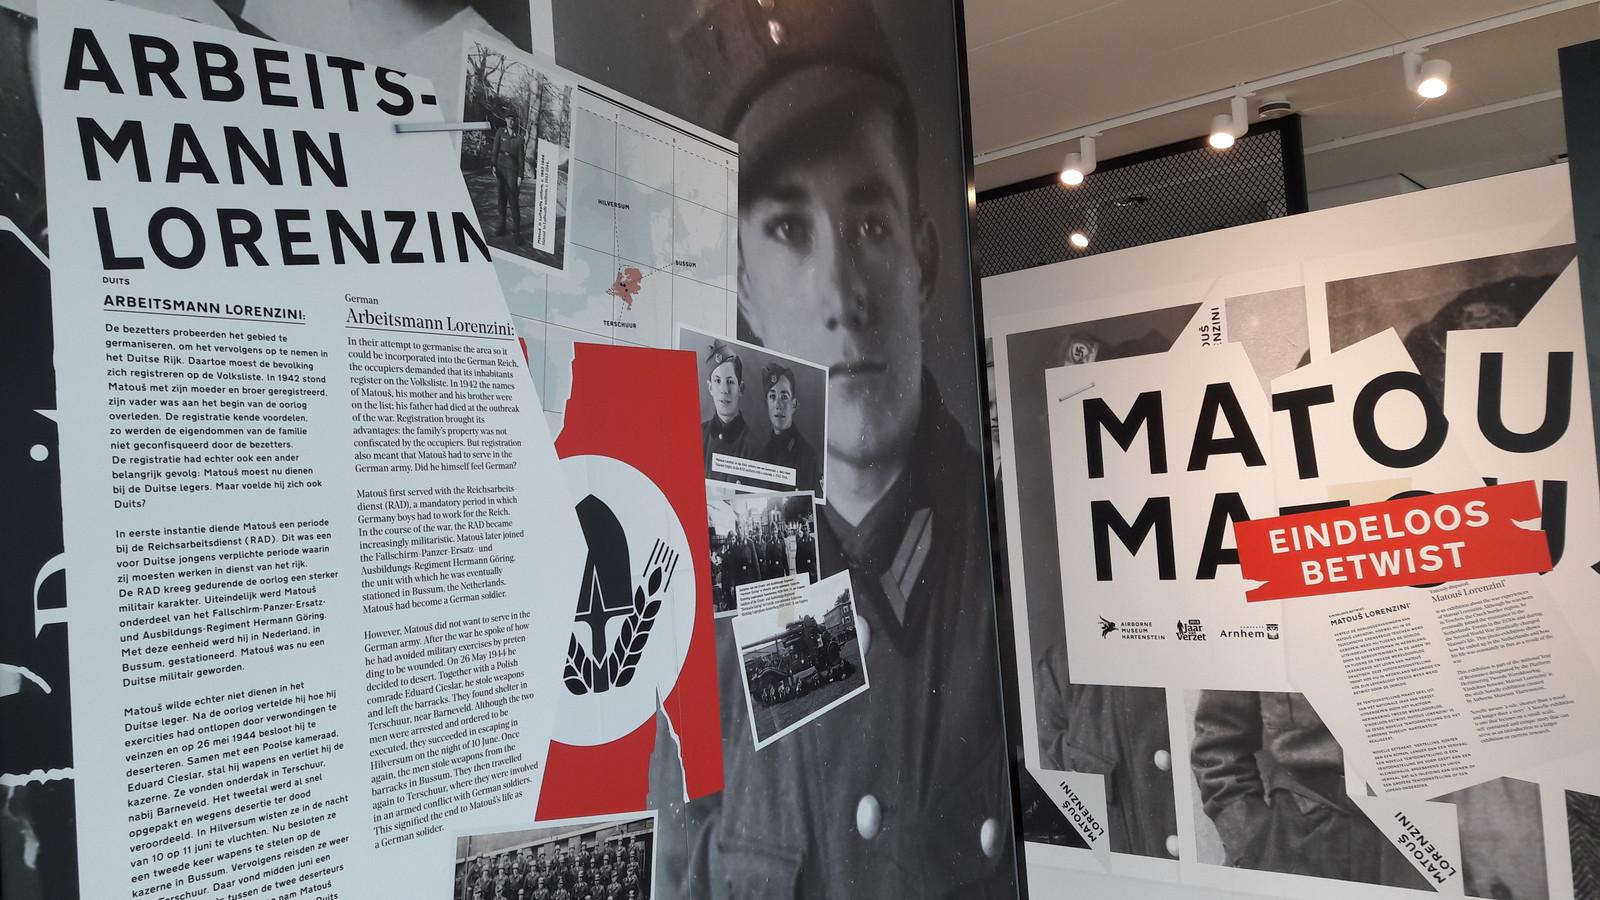 Beeld van de expositie over Lorenzini, Duits soldaat tegen wil en dank, in 'Airborne at the Bridge'.